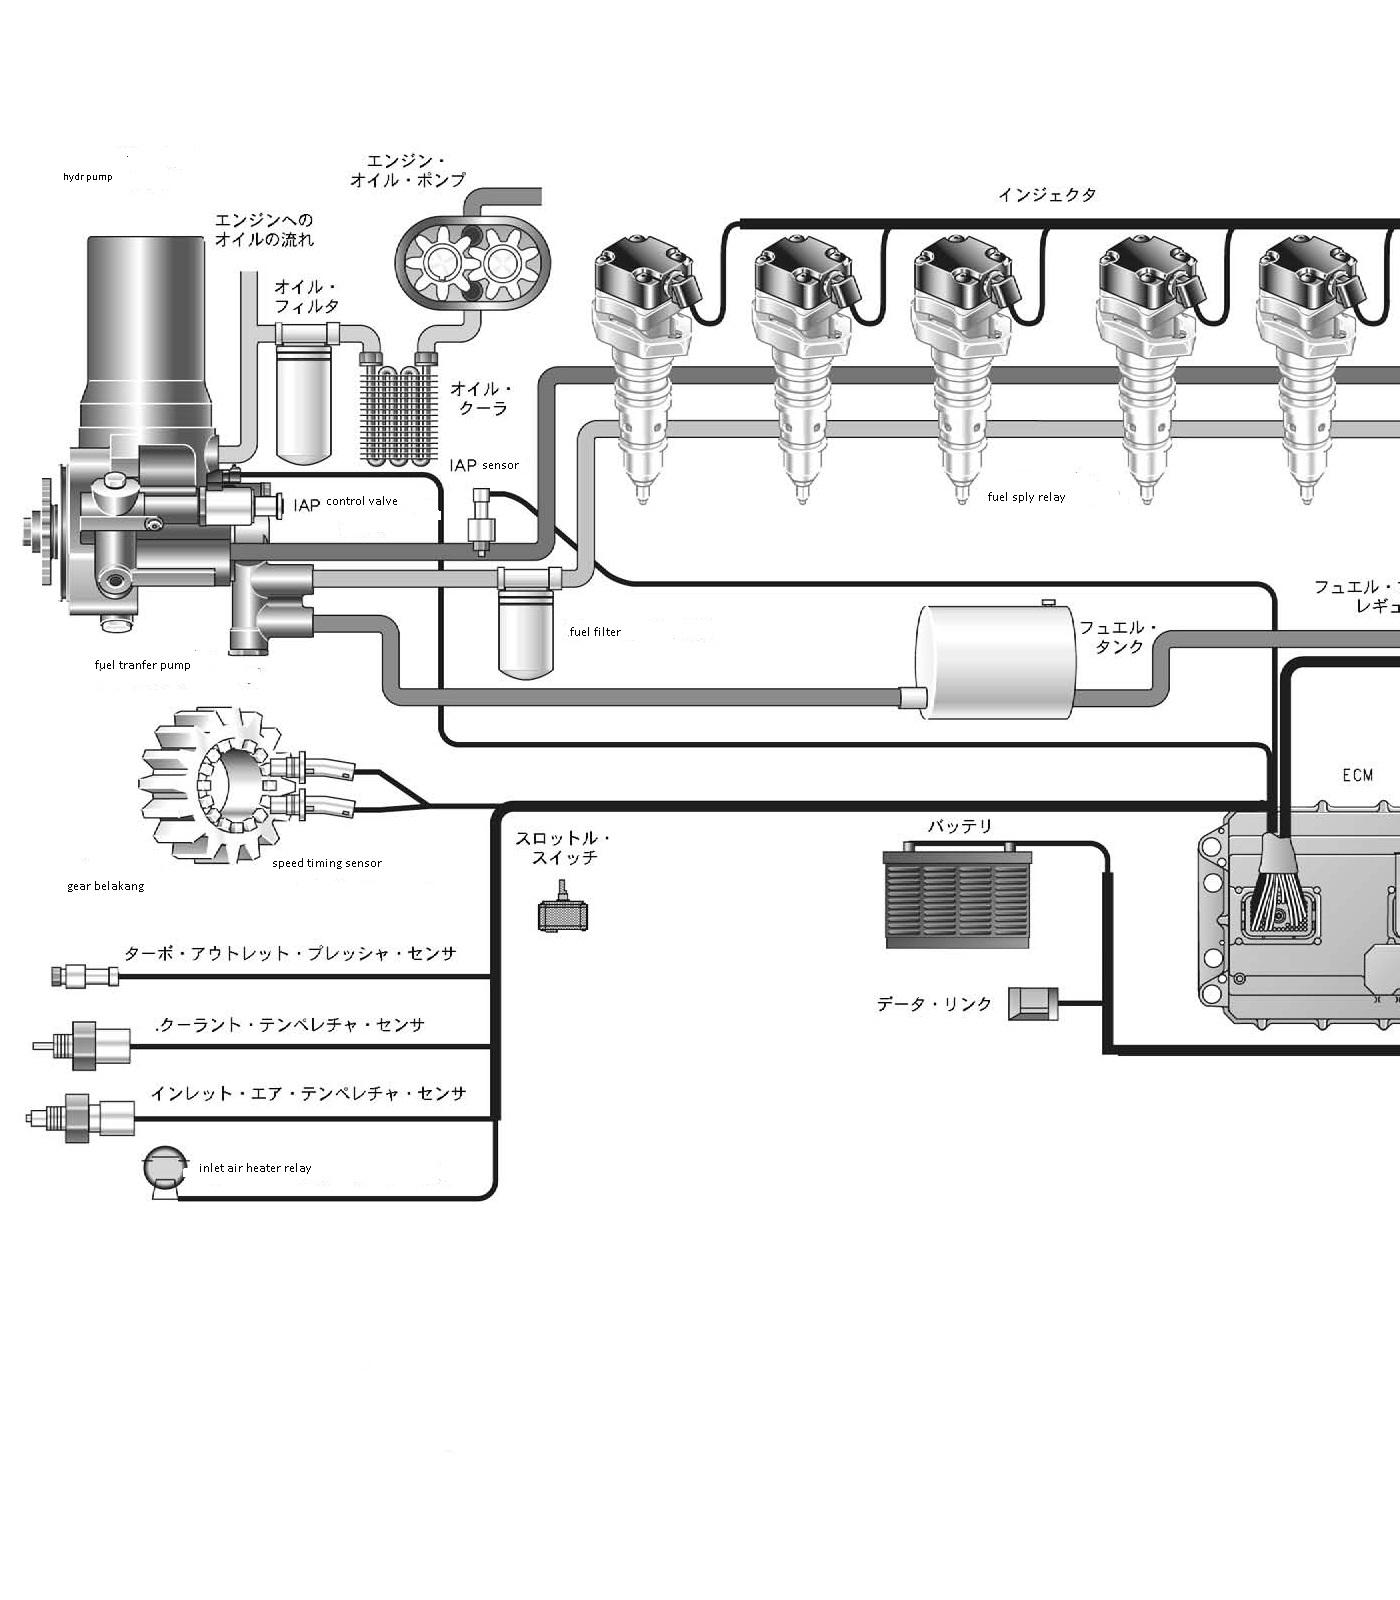 caterpillar 3176 engine diagram